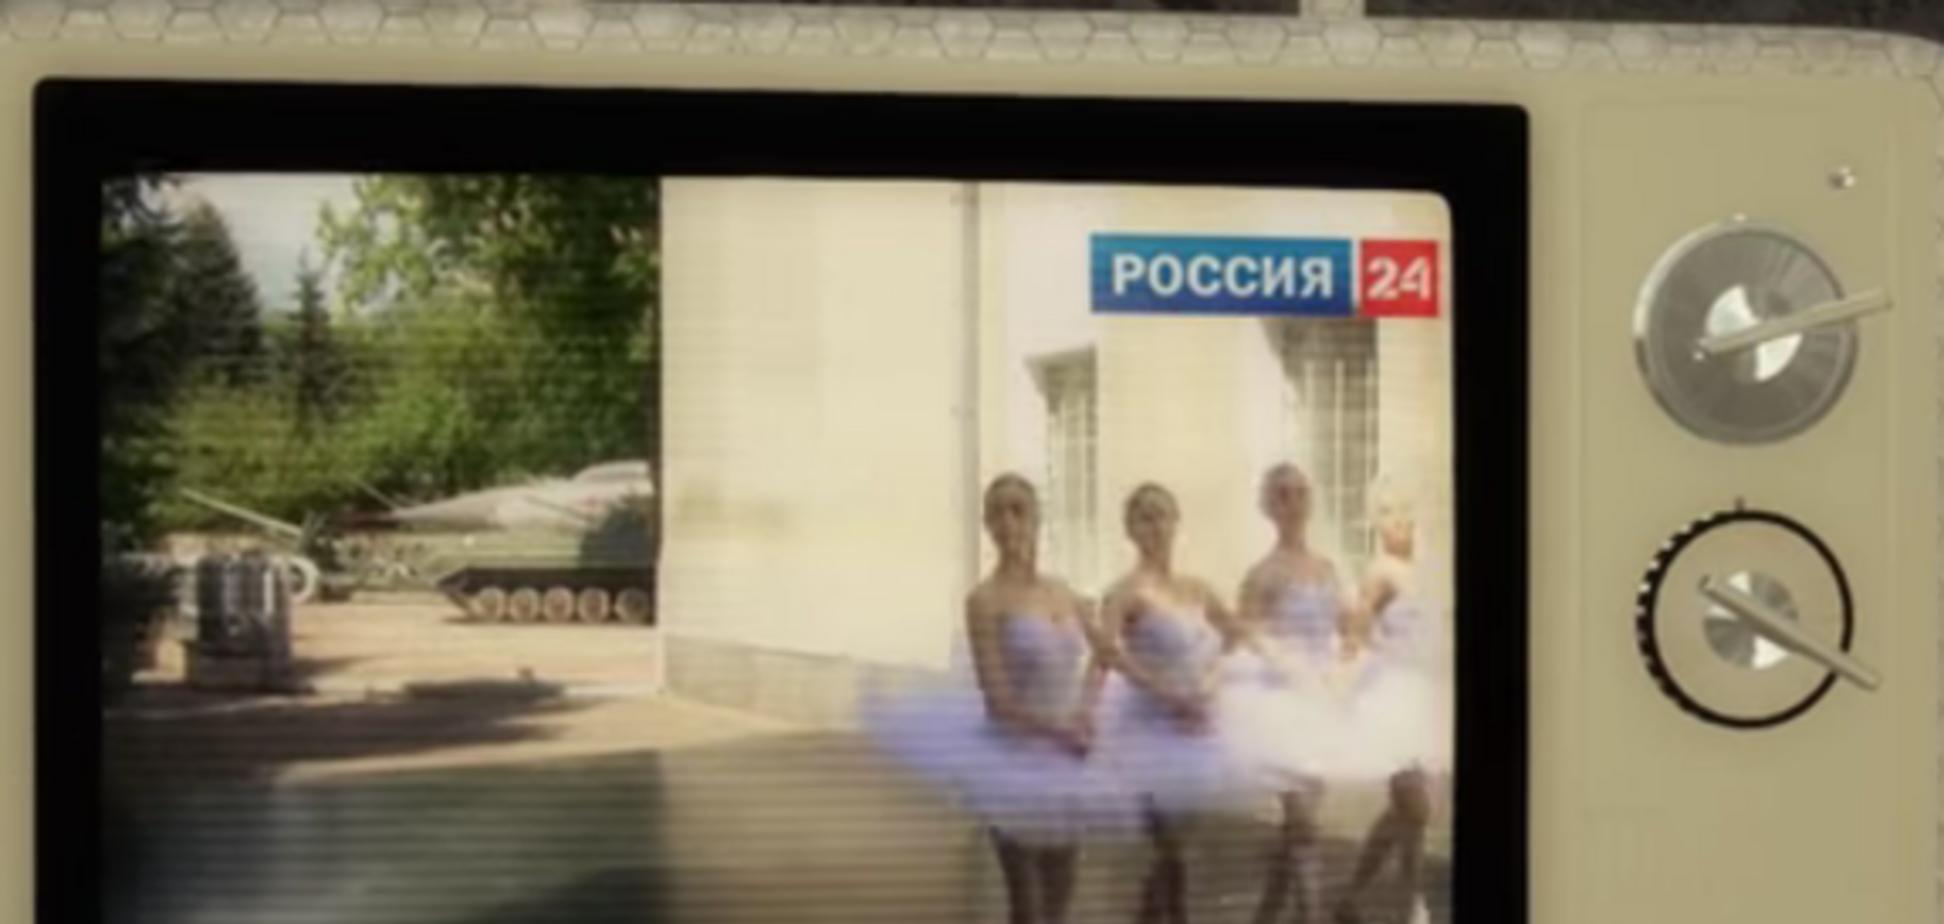 Кремль готовит заявление. РосСМИ в боевой готовности